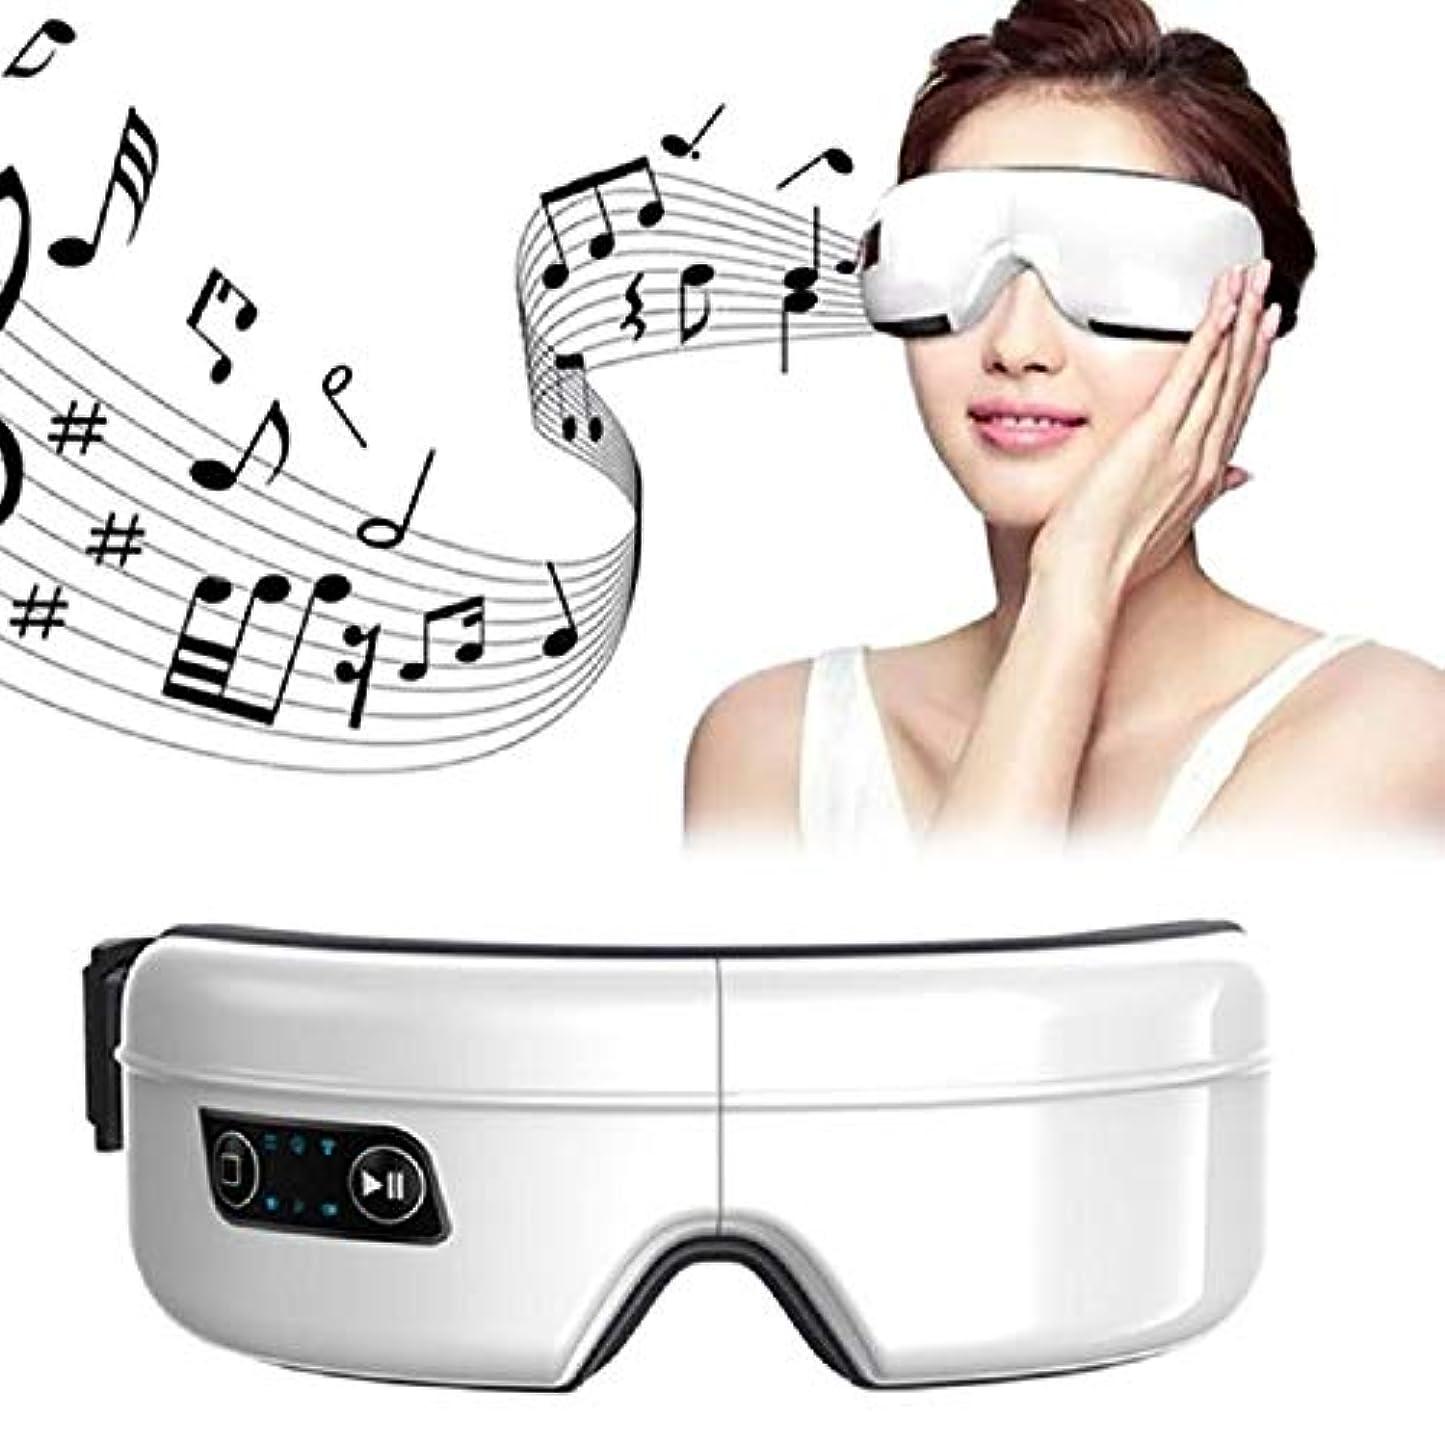 ゴミ同封する装備するRuzzy 高度な電気ワイヤレスアイマッサージSPAの楽器、音楽充電式美容ツール 購入へようこそ